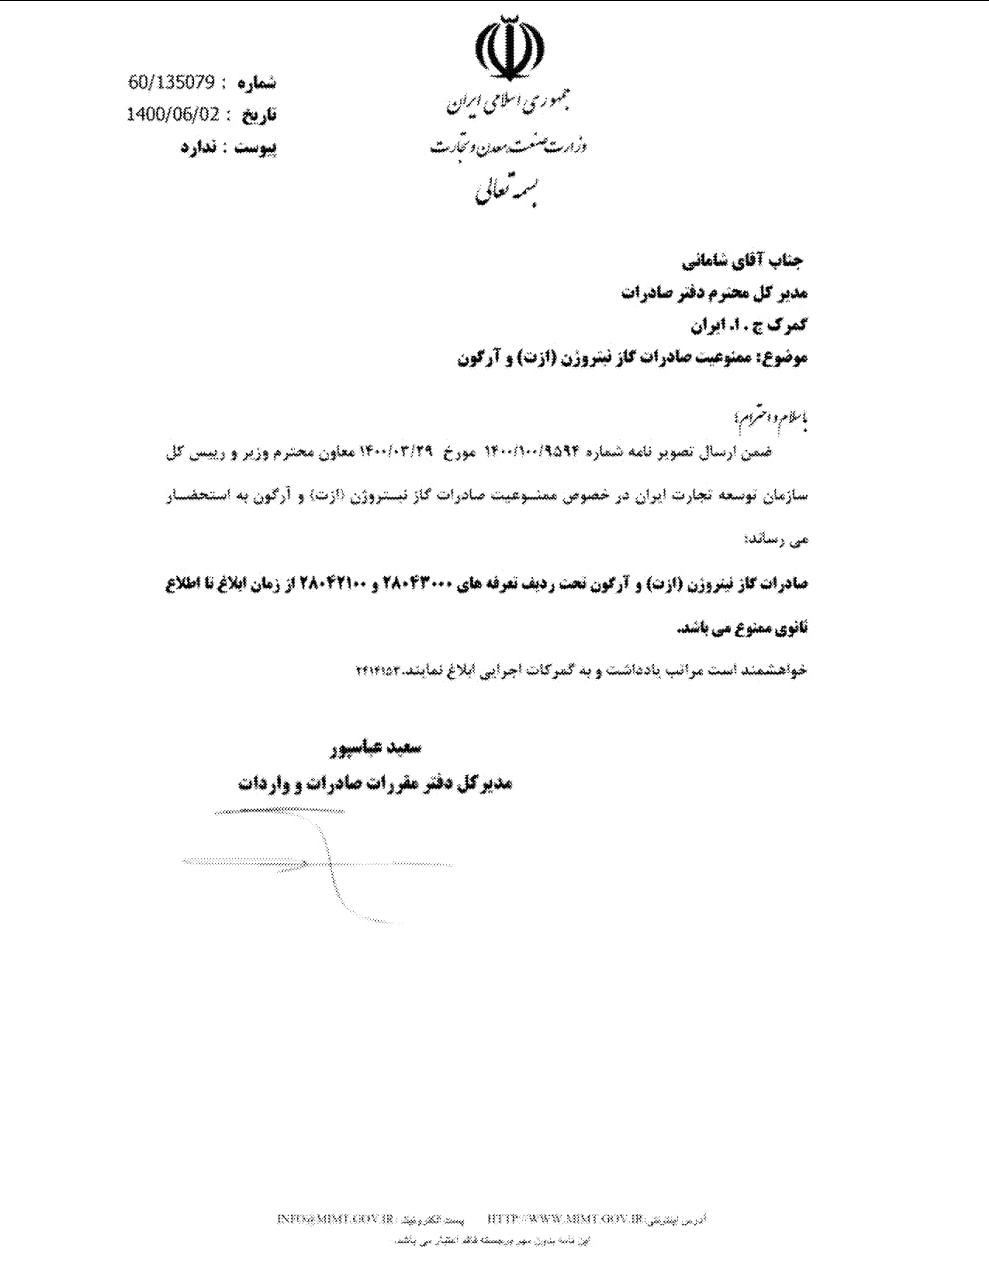 صادرات گاز نیتروژن و آرگون ممنوع شد